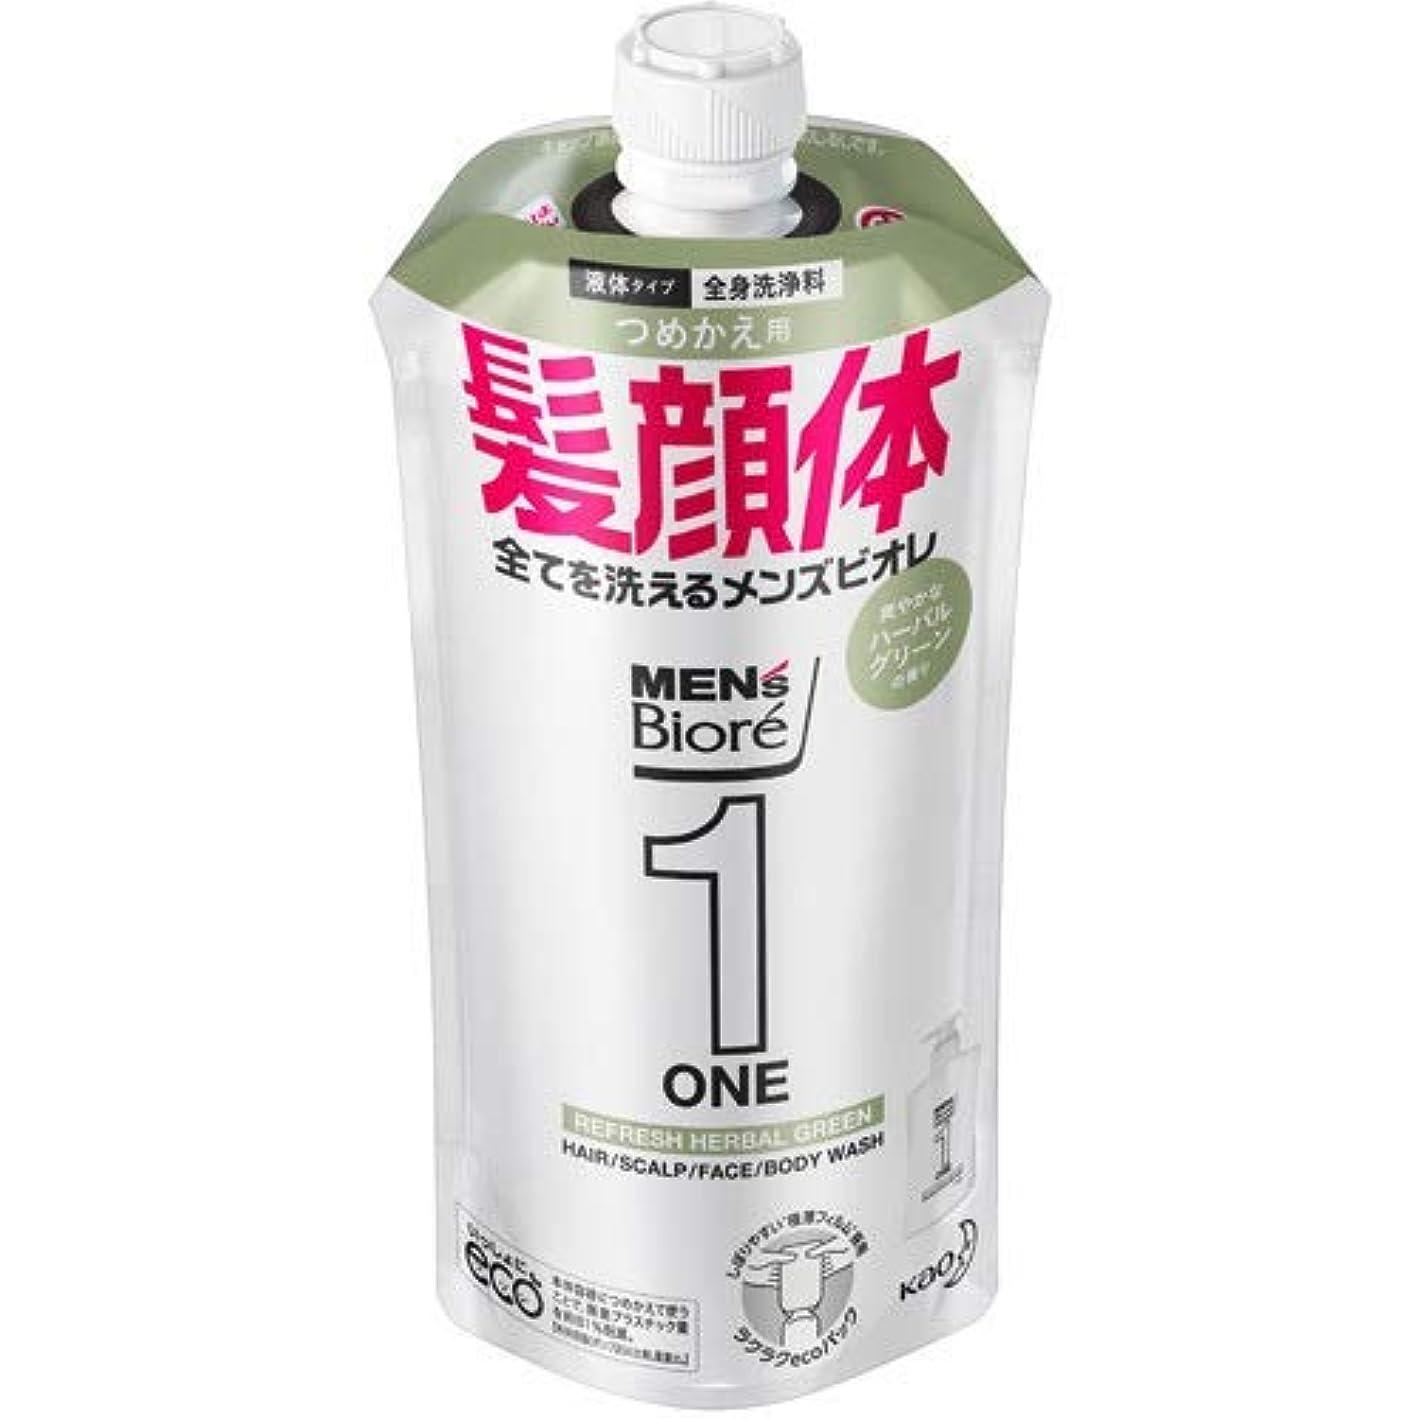 集団想定コウモリ【10個セット】メンズビオレONE オールインワン全身洗浄料 爽やかなハーブルグリーンの香り つめかえ用 340mL